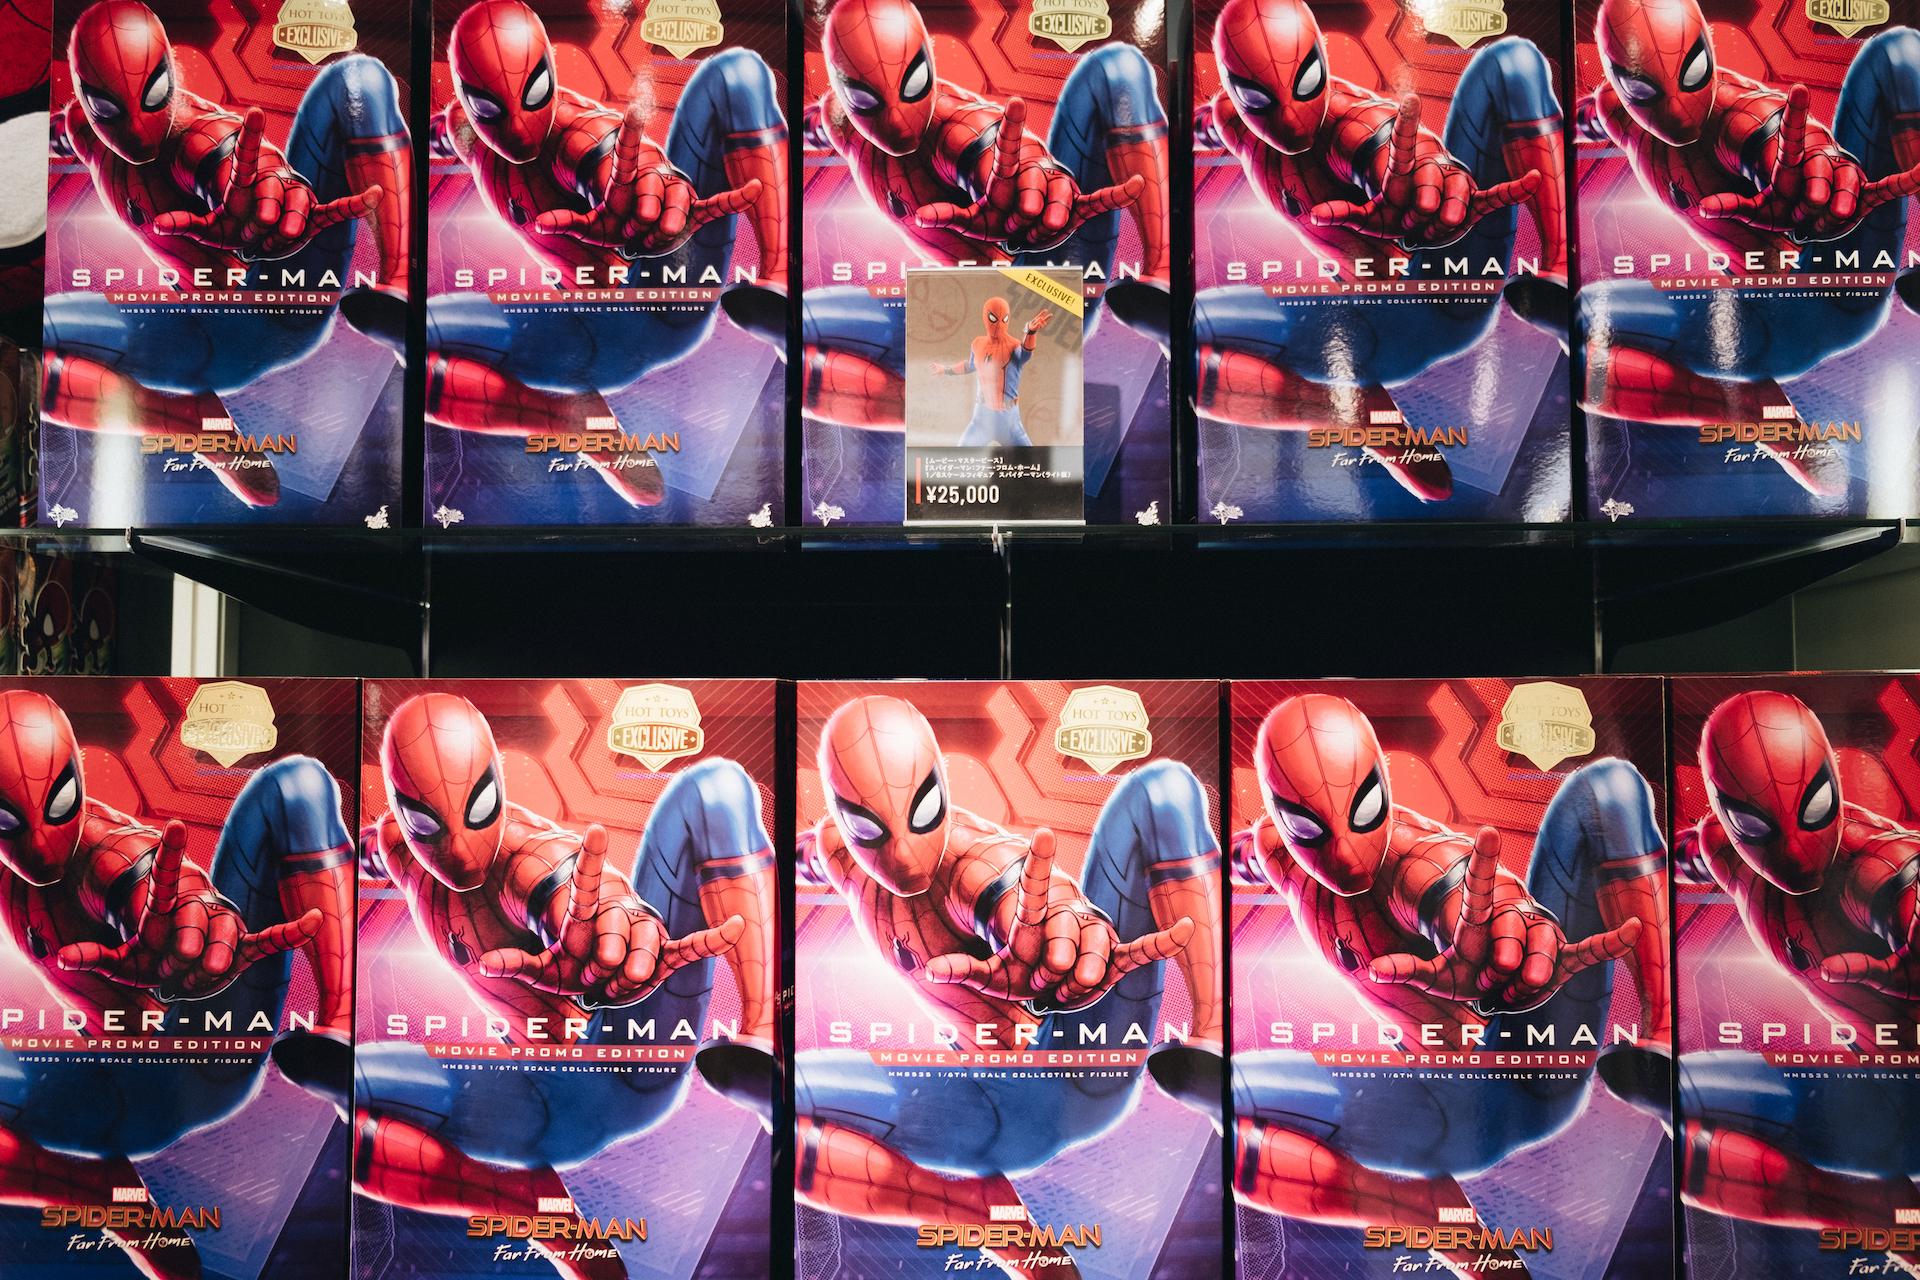 スパイダーマン好きなら目ギラギラ大興奮必至の期間限定ショップ探訪 art-culture-spiderman-store-report-16